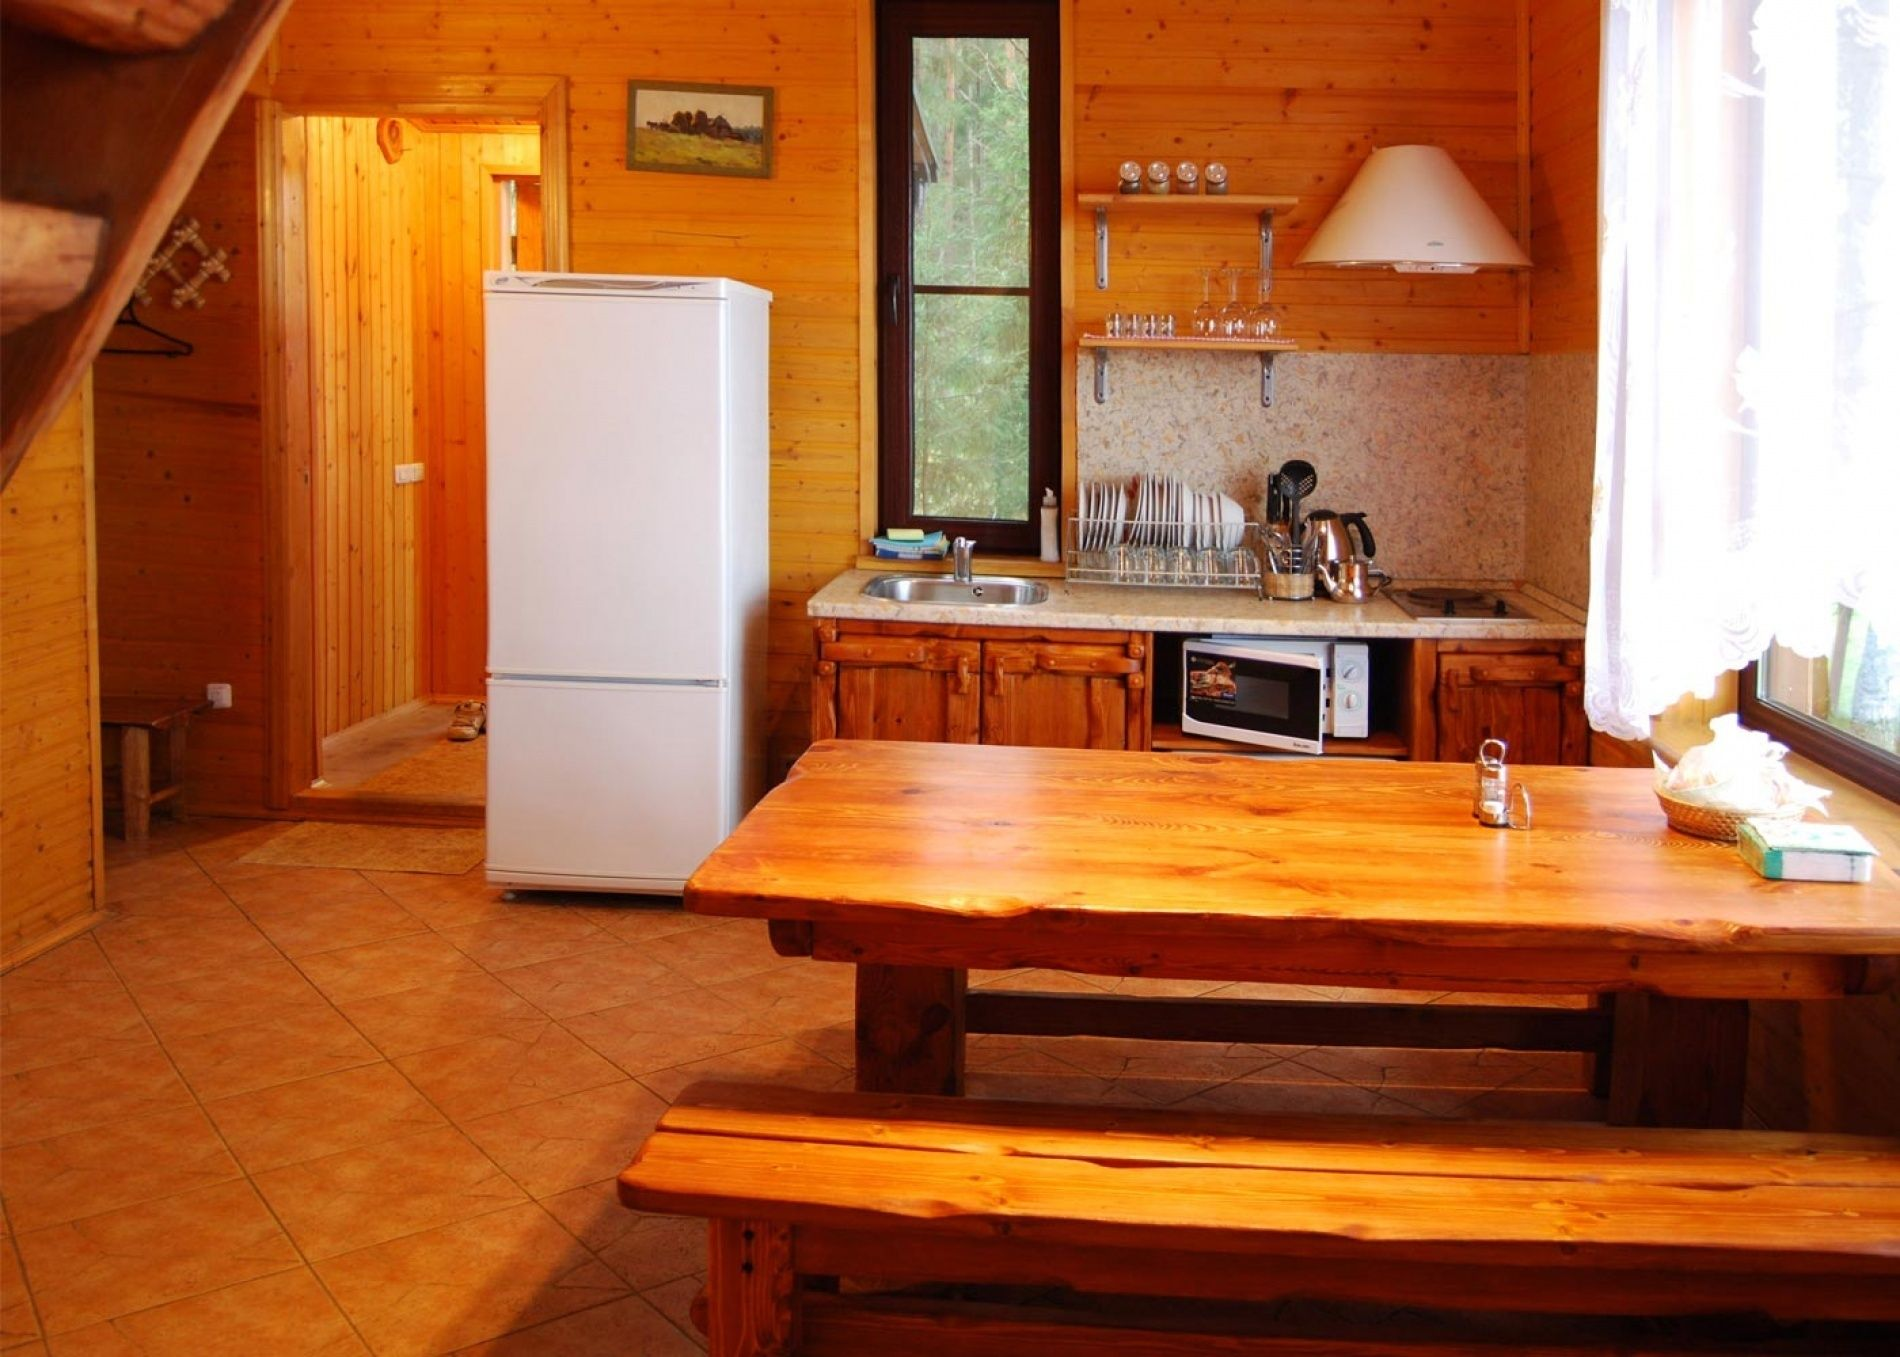 База отдыха «Яр-Селигер» Тверская область VIP-коттедж, фото 5